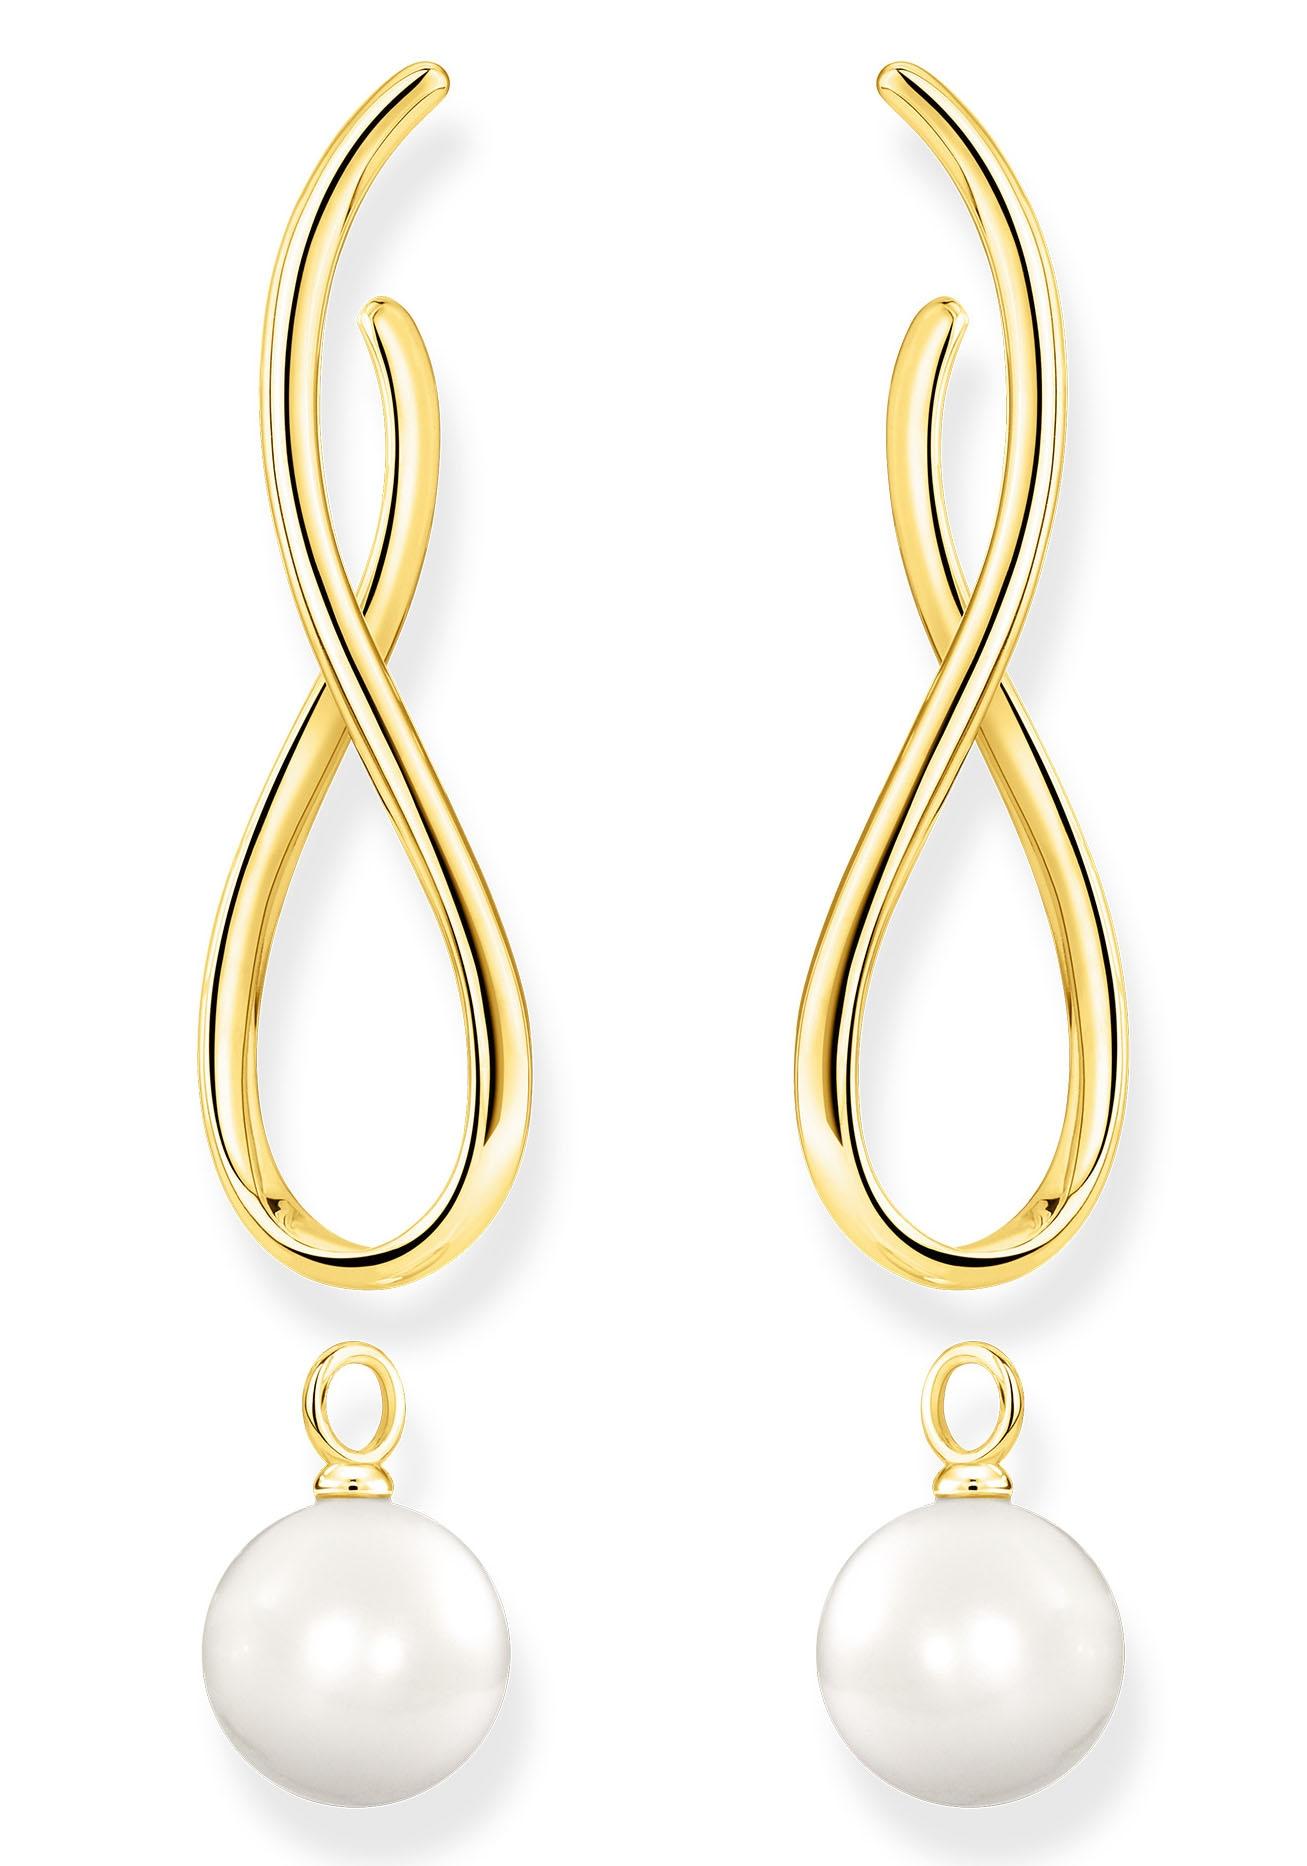 THOMAS SABO Paar Ohrstecker Heritage mit Perle gold, H2099-413-39, mit abne günstig online kaufen